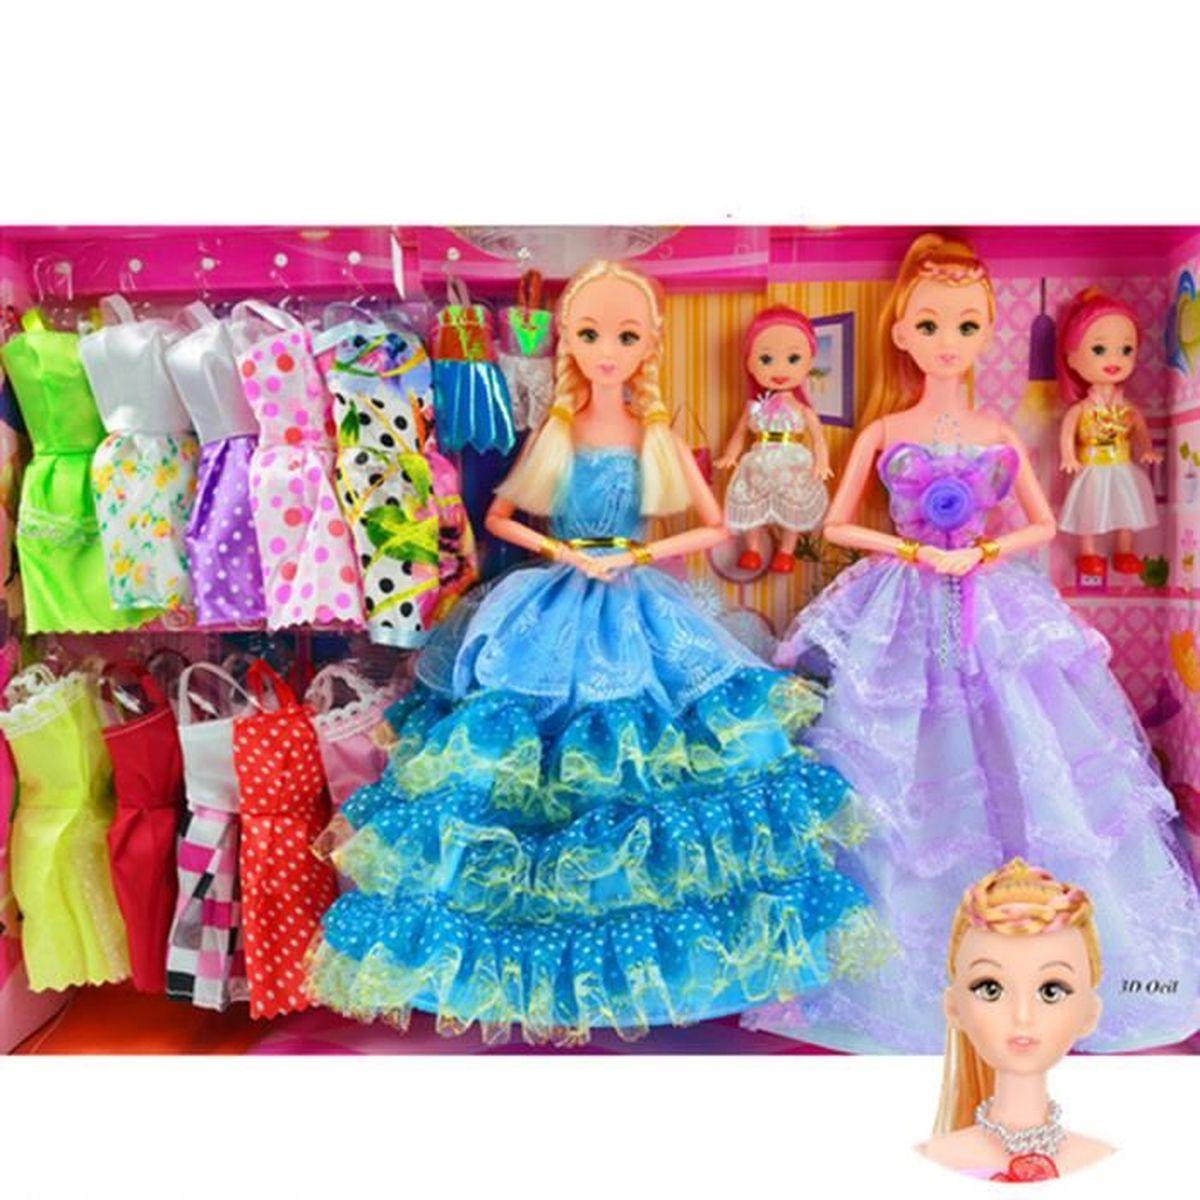 Cadeau no l poup e barbie 3d super 2016 ensemble de poupons coffret fille pour anniversaire 12 - Barbie de noel 2012 ...